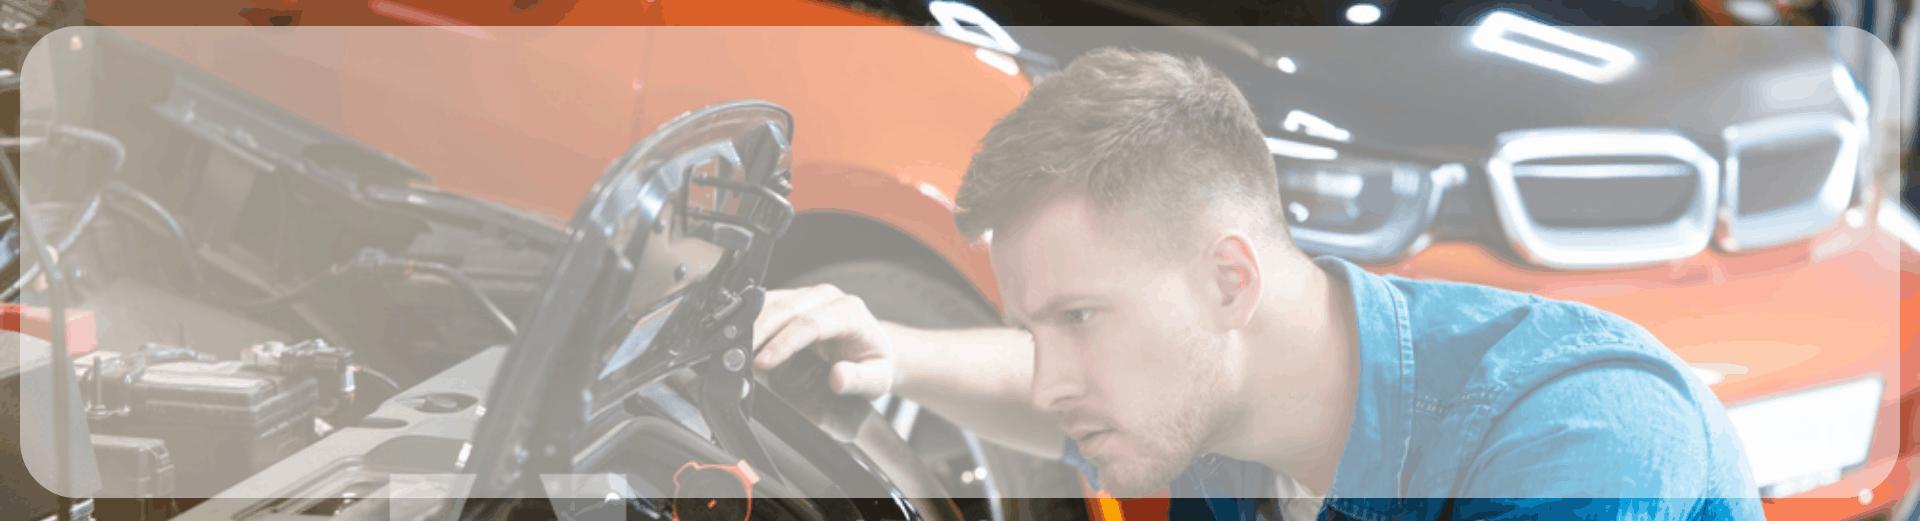 Quel entretien pour une voiture électrique ? (4 points à savoir)